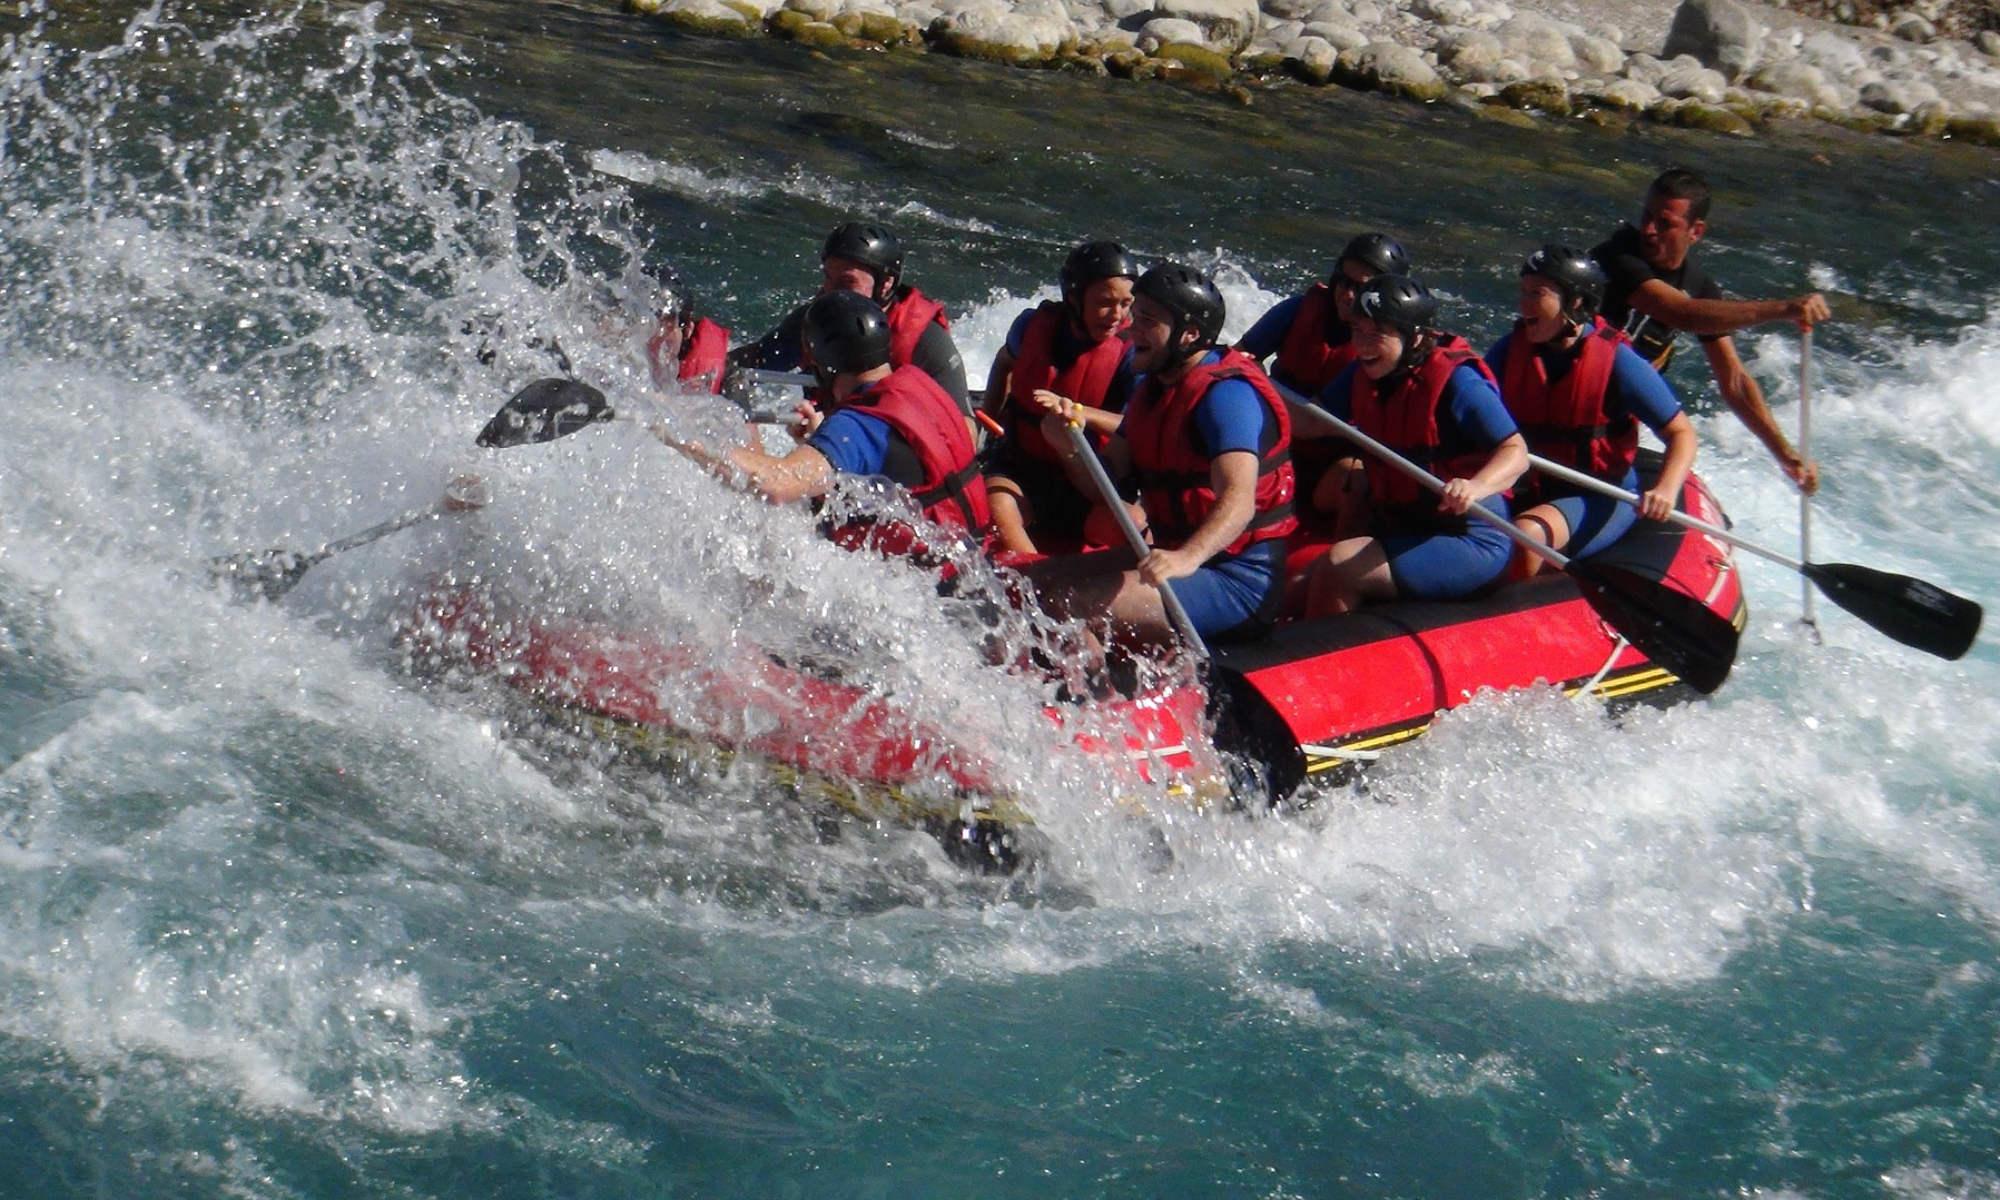 Un gruppo scende il fiume su un raft.